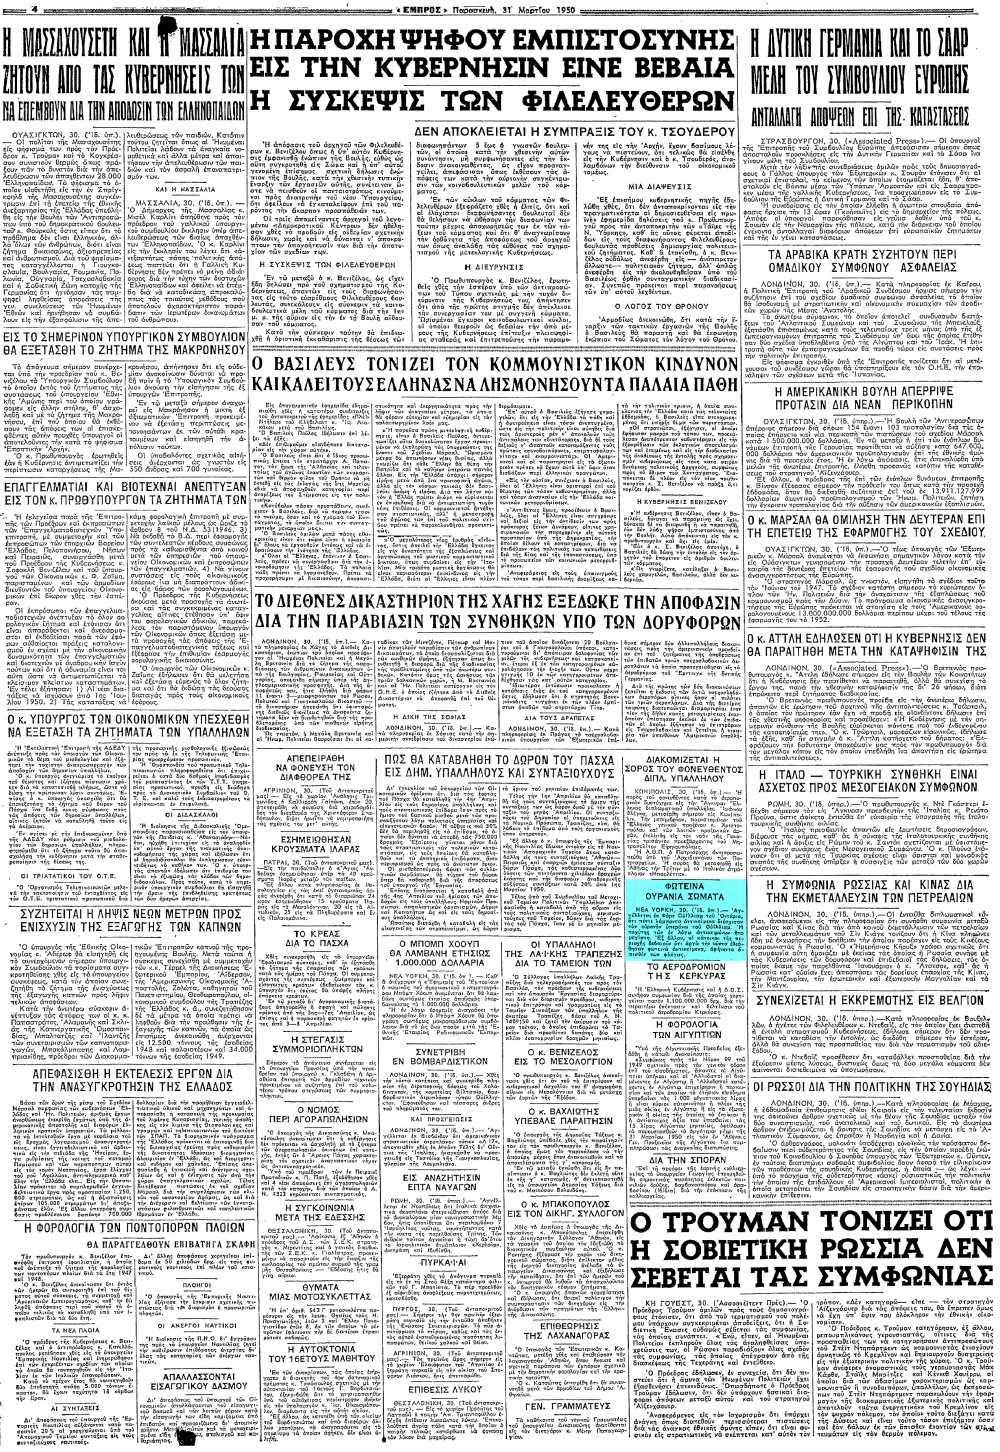 """Το άρθρο, όπως δημοσιεύθηκε στην εφημερίδα """"ΕΜΠΡΟΣ"""", στις 31/03/1950"""